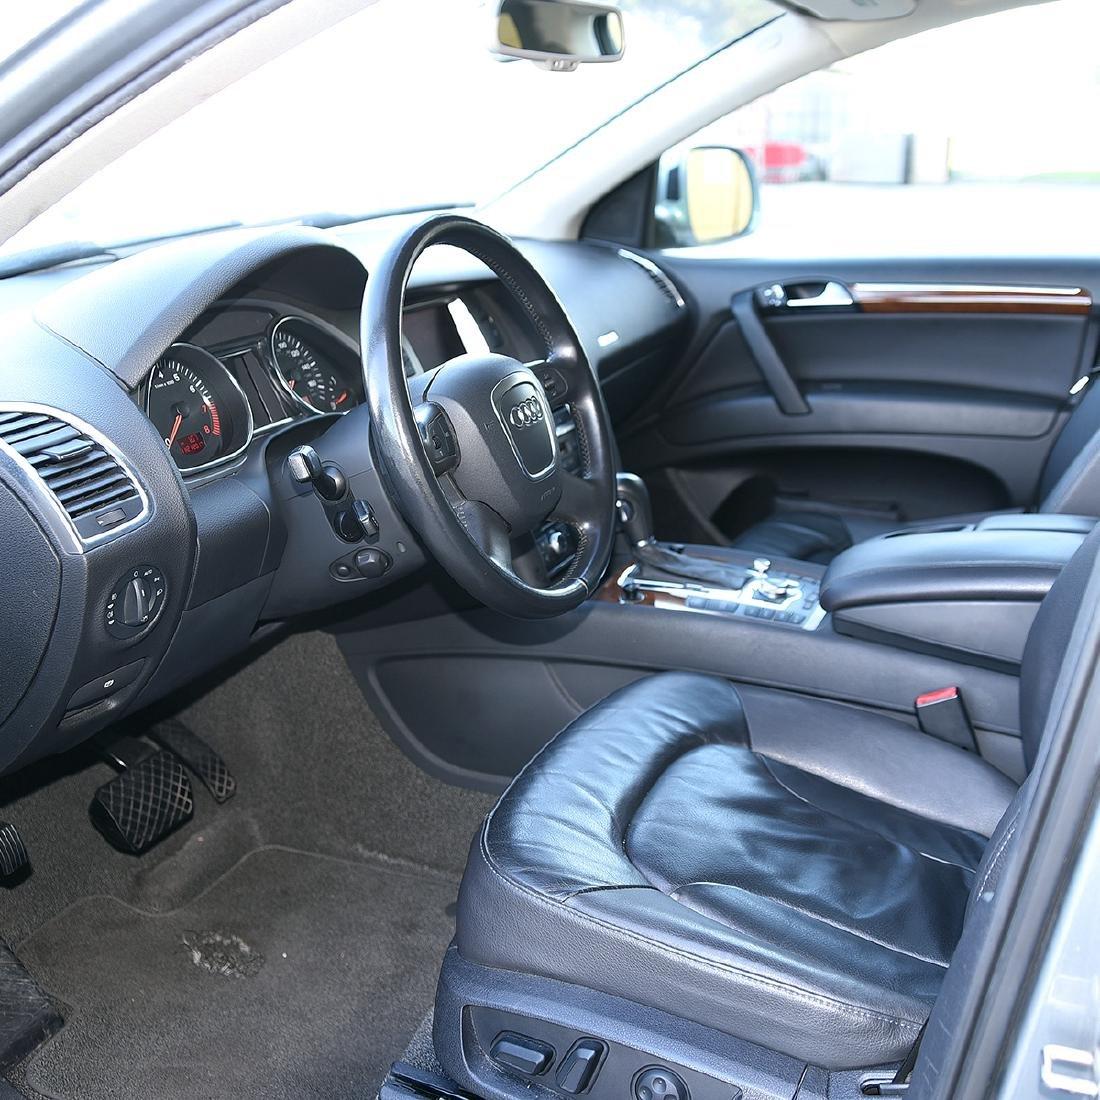 2007 Audi Q7 - 2